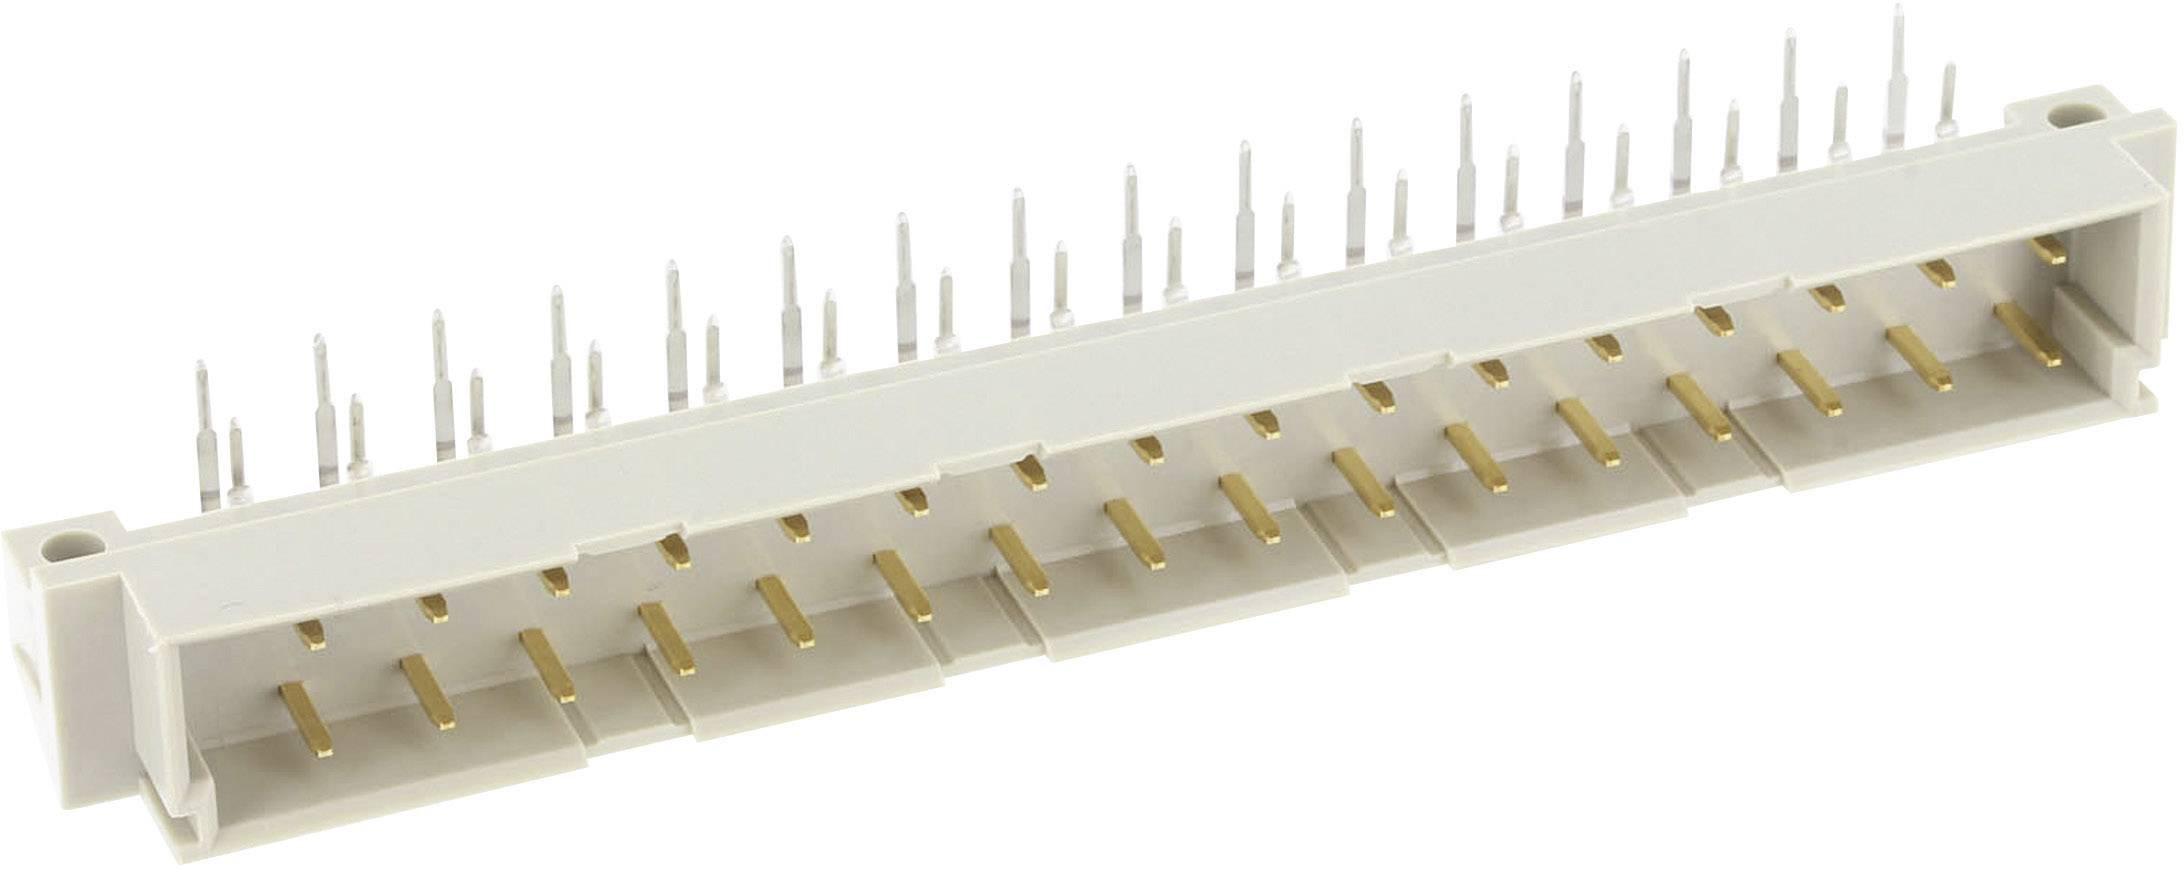 Měřicí lišta typ D ERNI 354868, úhlová měřící lišta, 5,08 mm